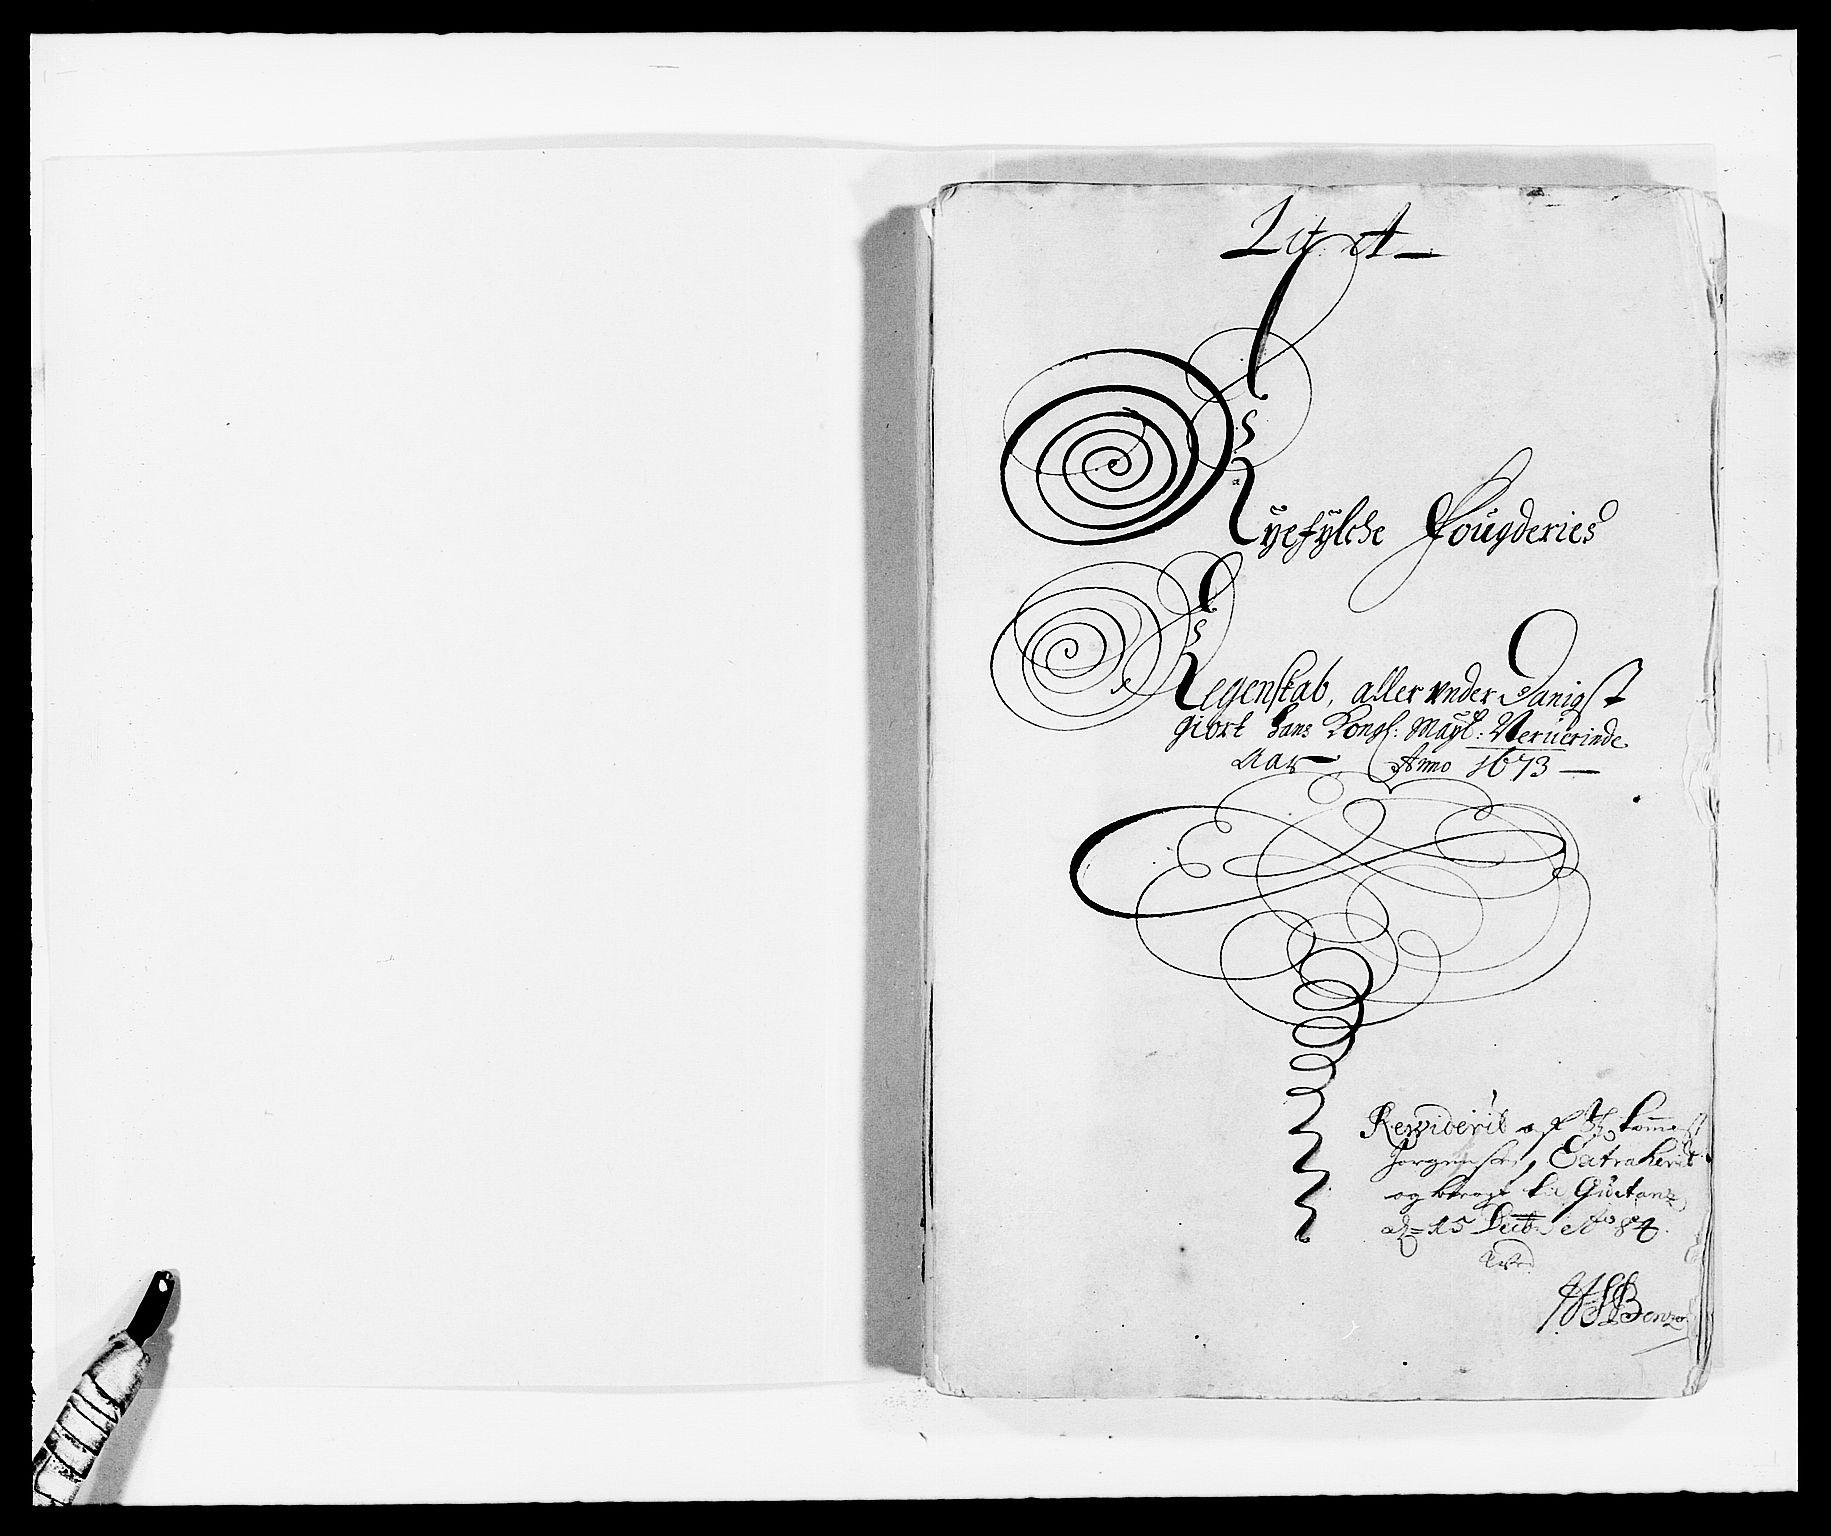 RA, Rentekammeret inntil 1814, Reviderte regnskaper, Fogderegnskap, R47/L2844: Fogderegnskap Ryfylke, 1672-1673, s. 130